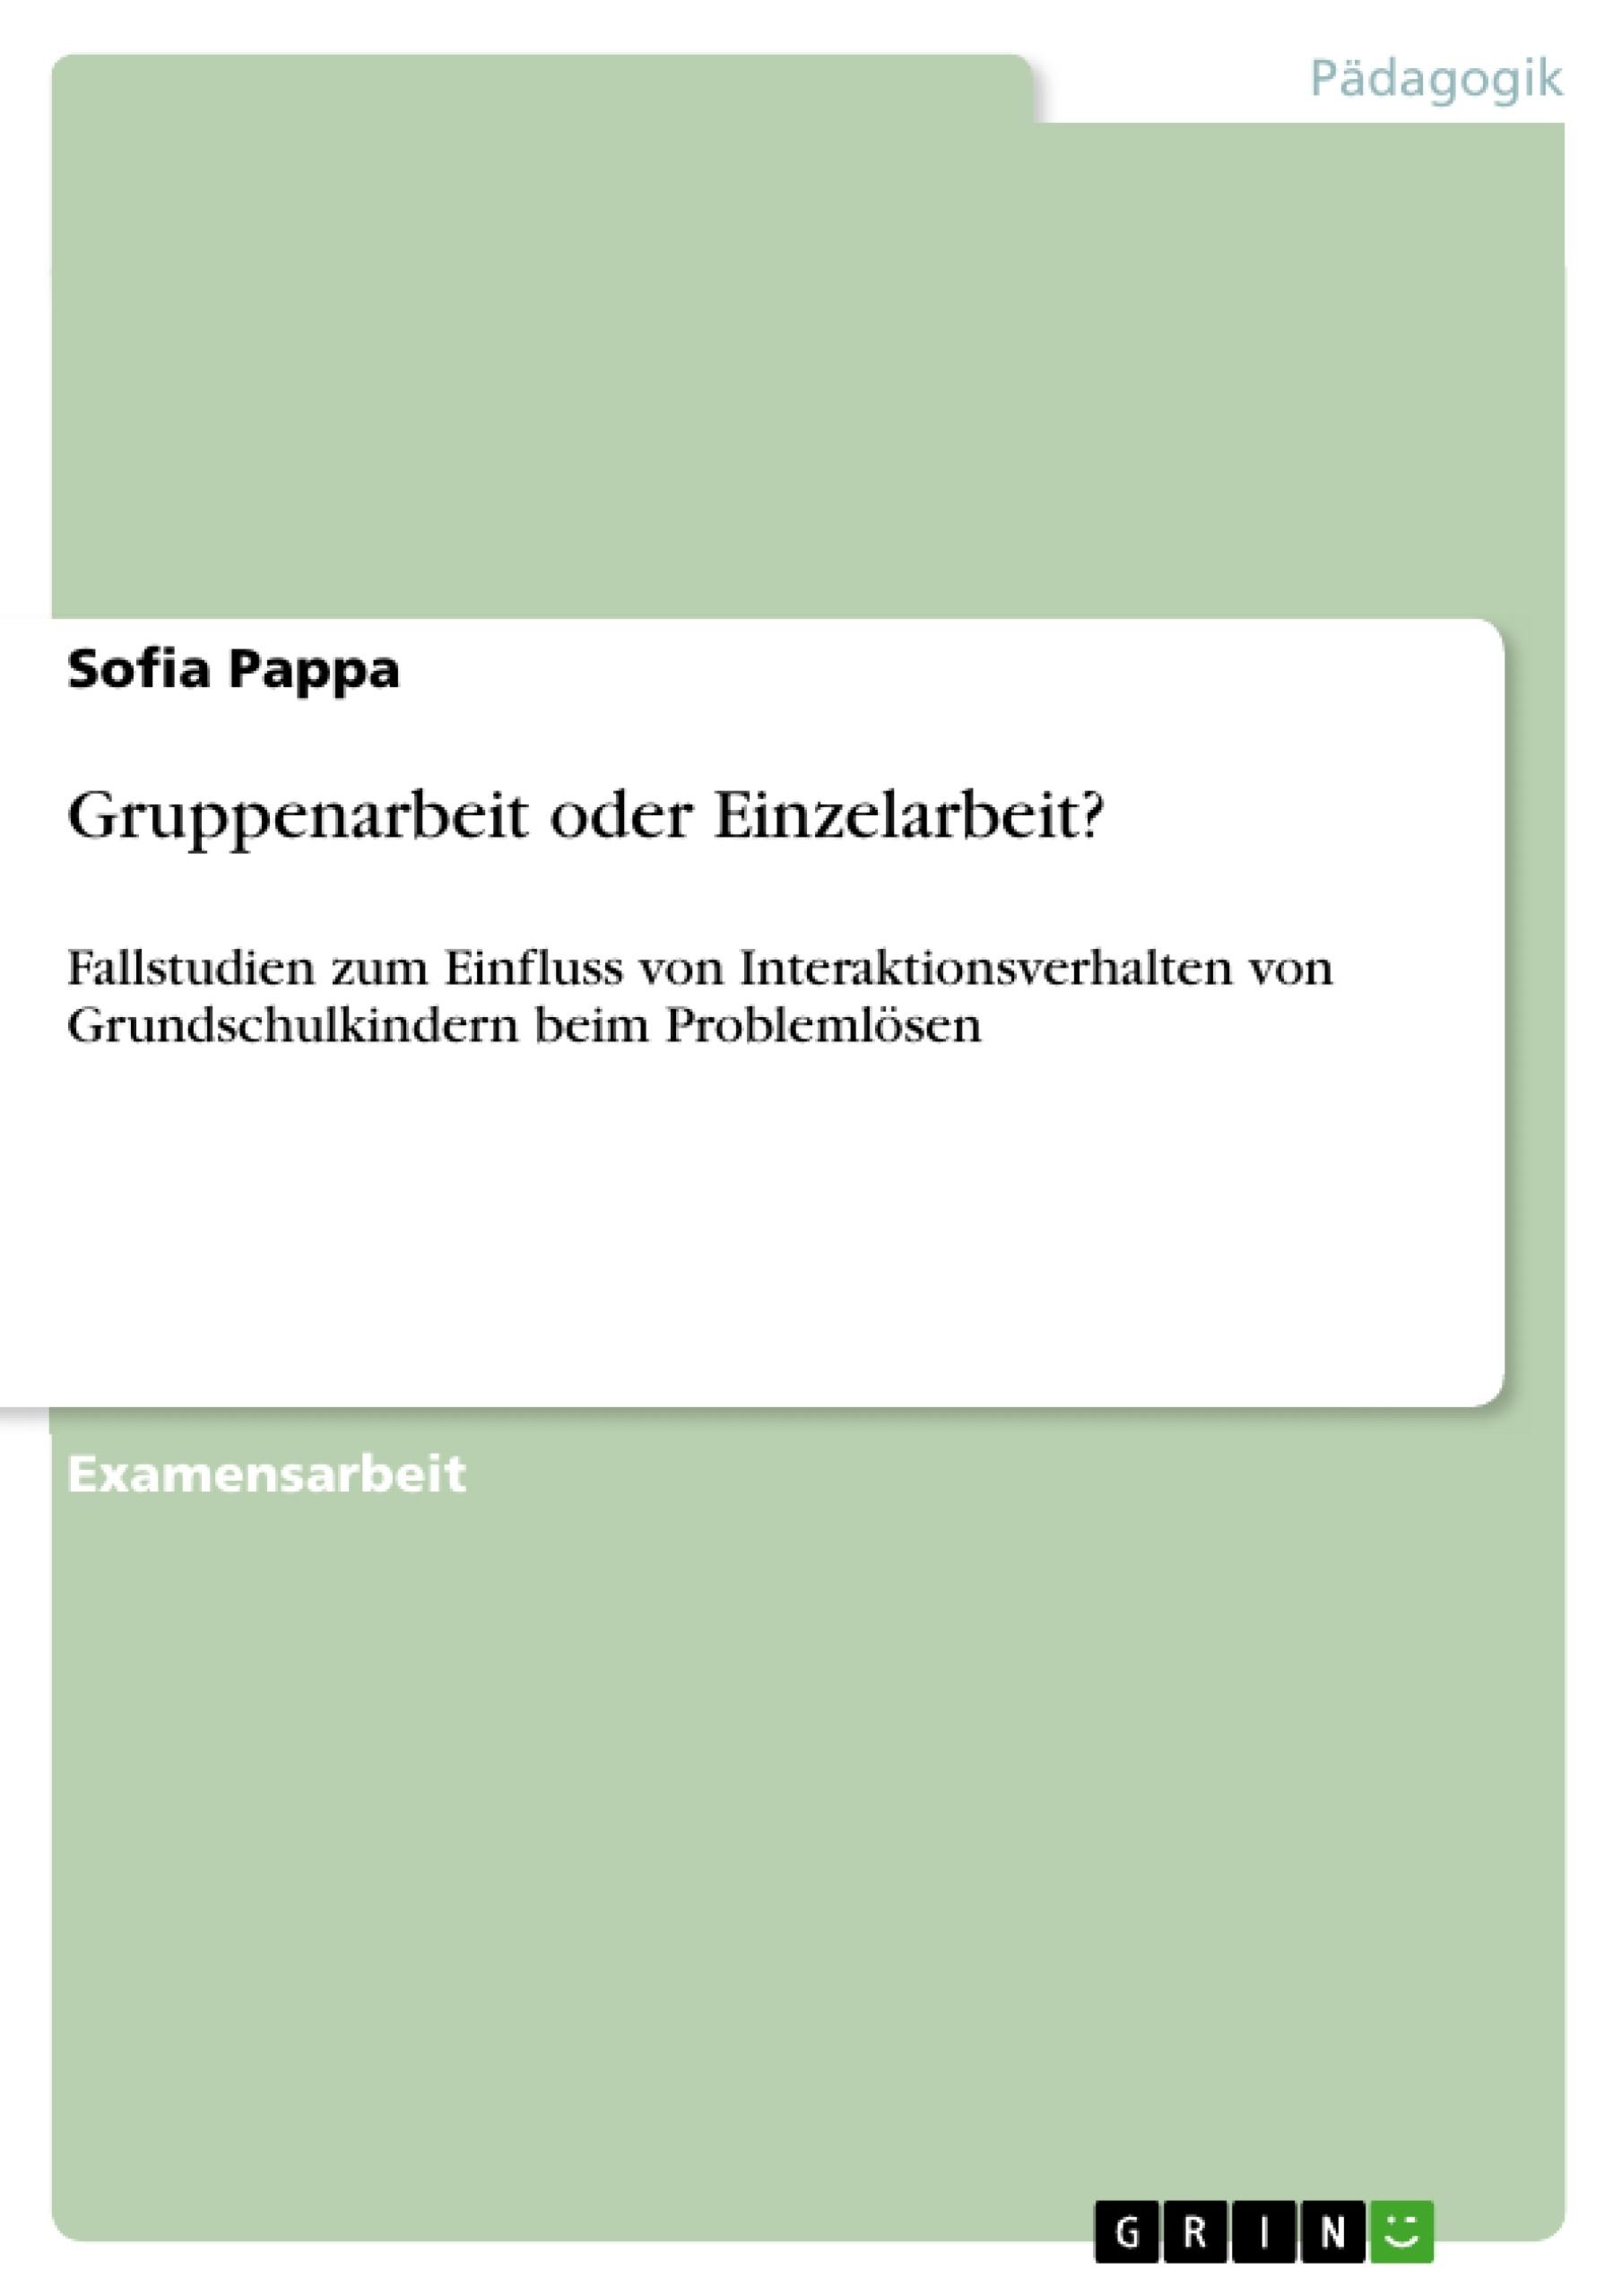 Modern Fanboys Arbeitsblatt Adornment - Kindergarten Arbeitsblatt ...